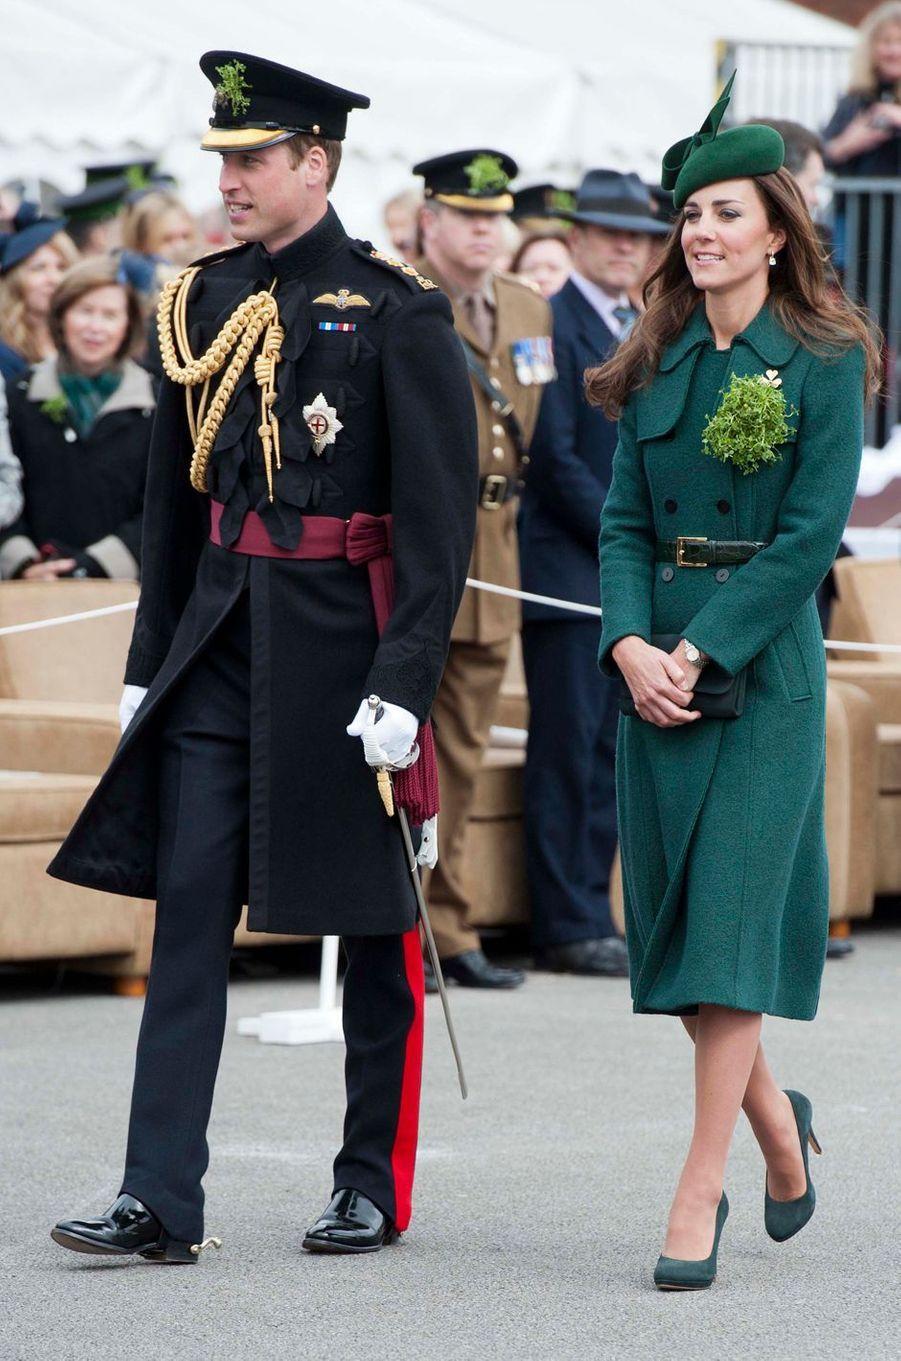 La duchesse de Cambridge, née Kate Middleton, en Hobbs pour la St Patrick à Aldershot, le 17 mars 2014